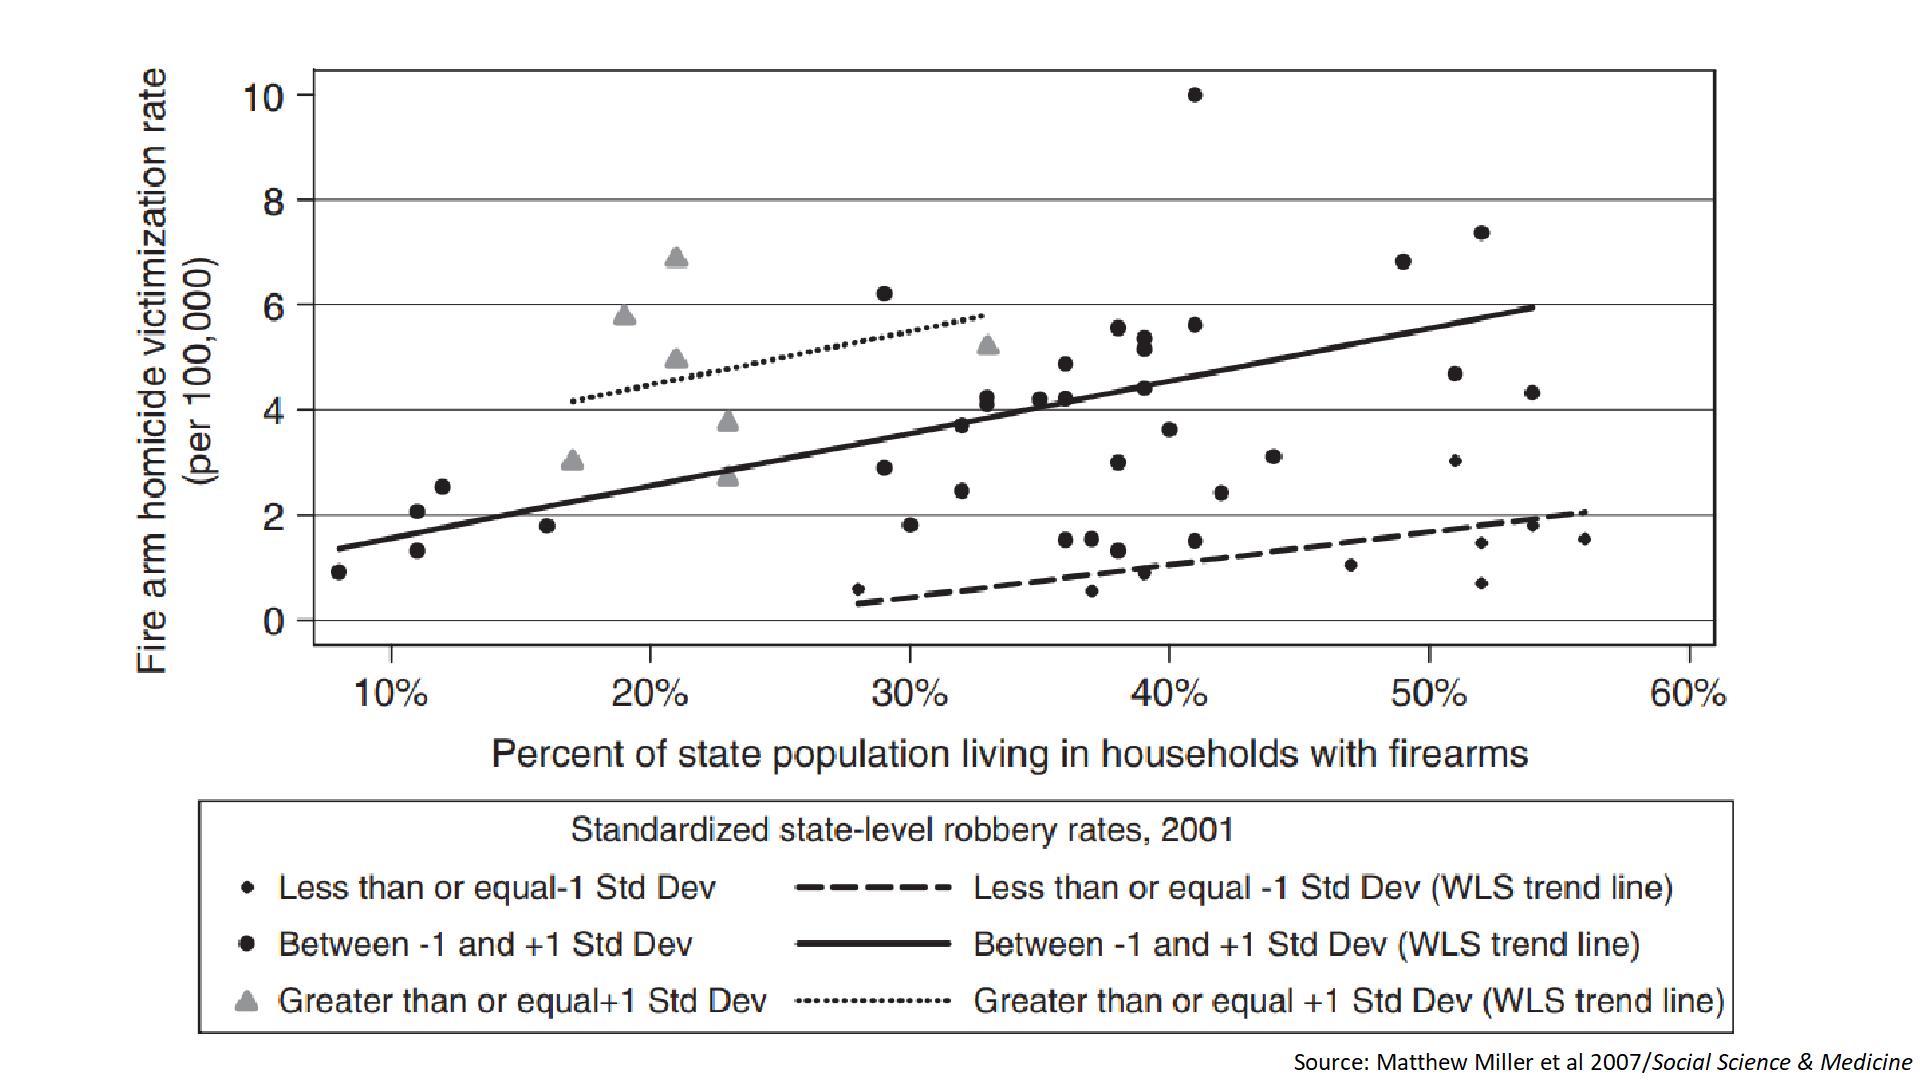 miller et al graph 1.png